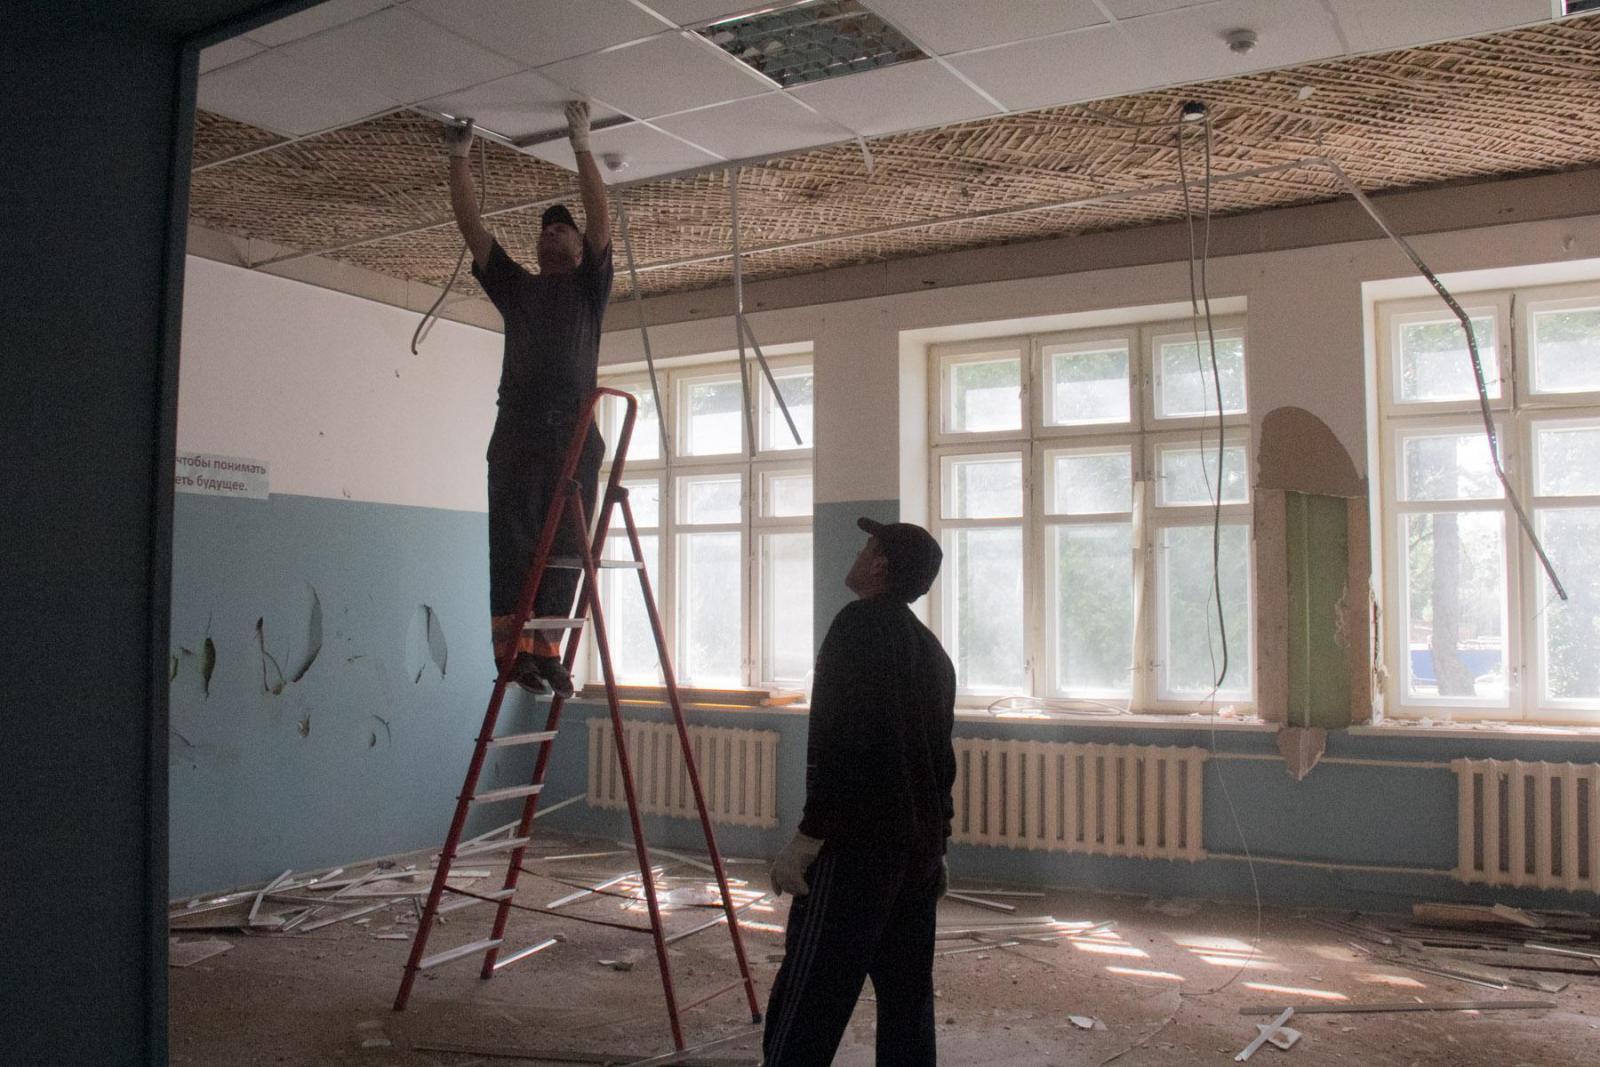 К капитальному ремонту готовят гимназию им. М. Т. Калашникова города Трубчевска